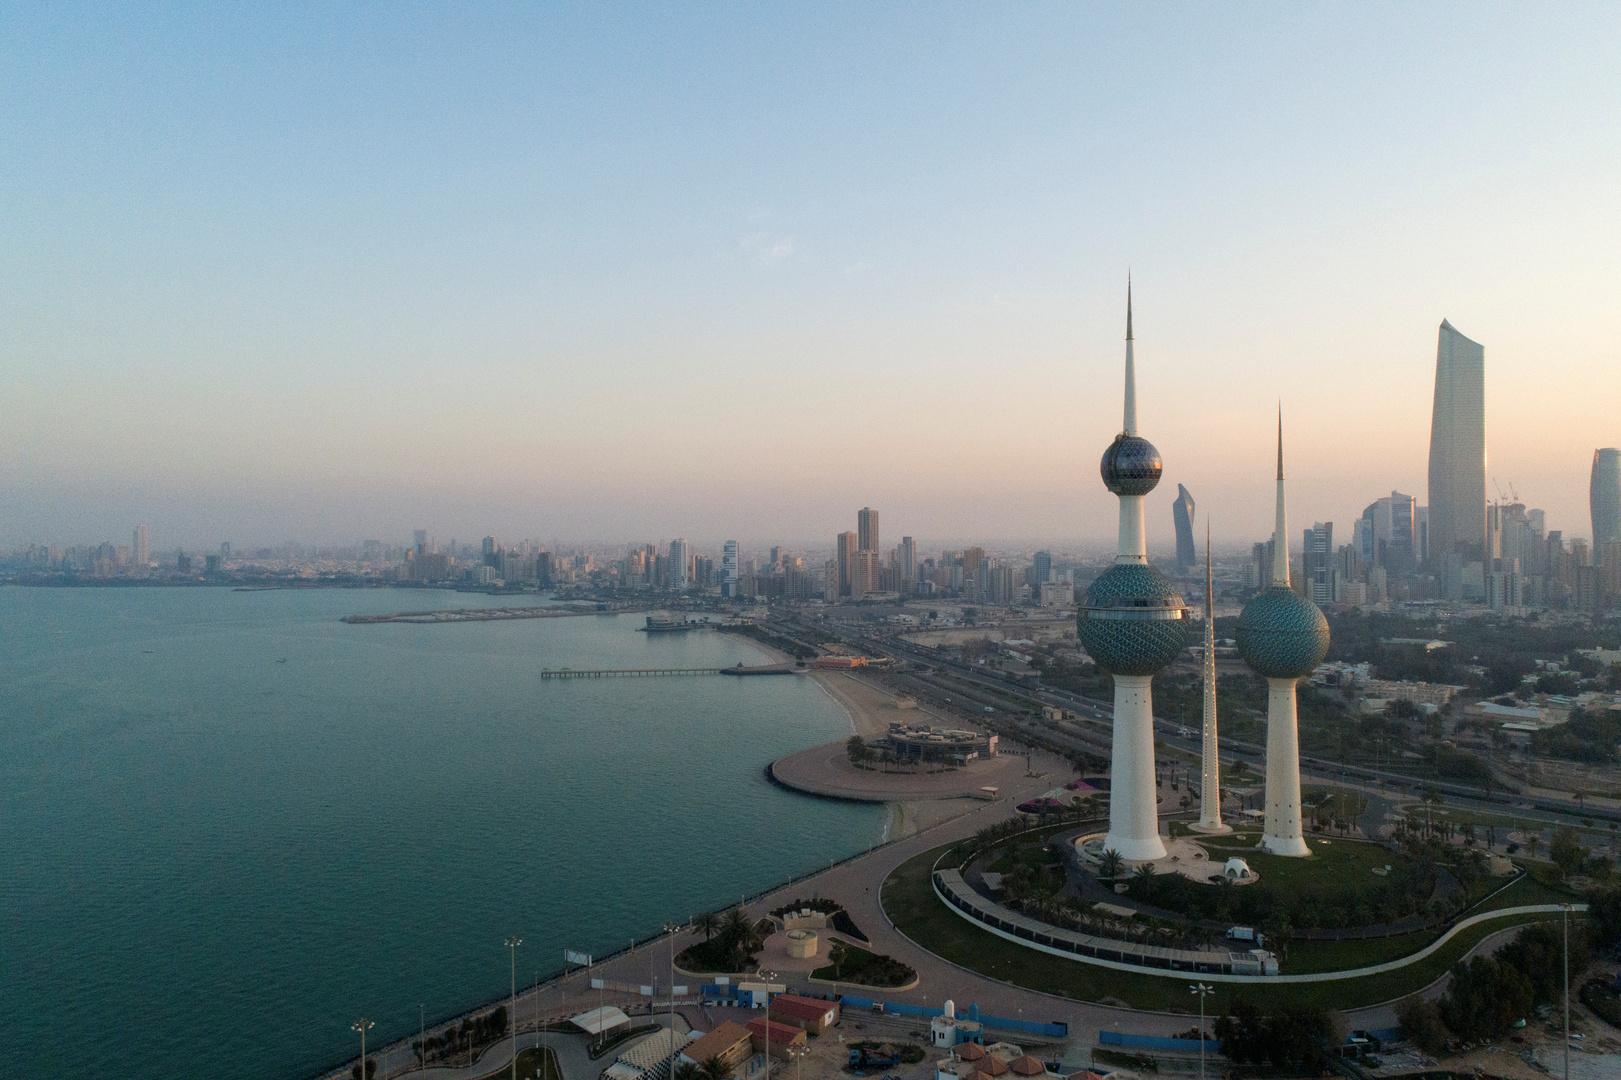 بالفيديو.. حفل راقص في فندق بالكويت بمناسبة رأس السنة والحكومة تتحرك